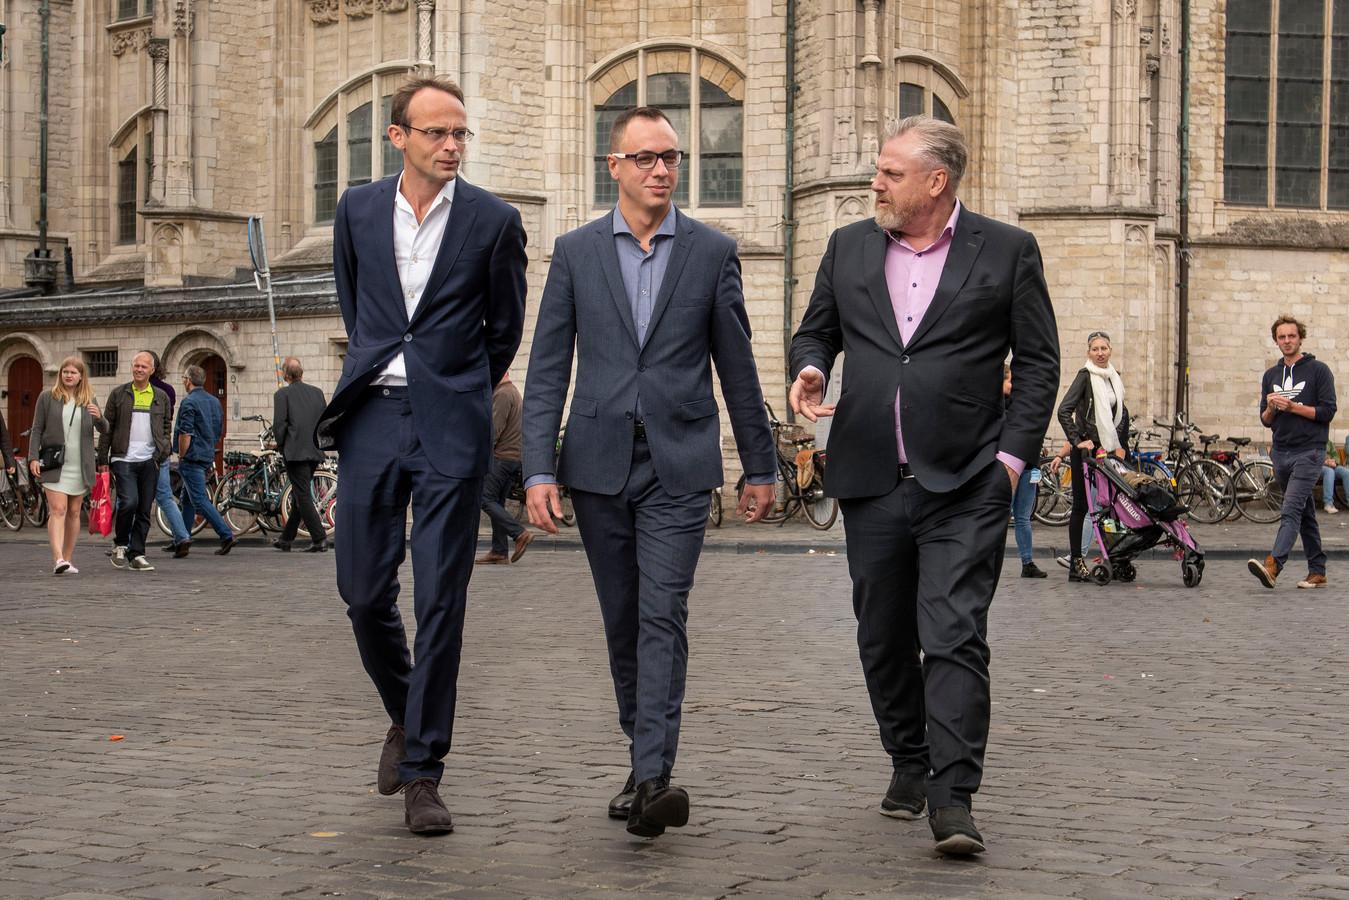 Initiatiefnemers Ronald Roothans (links), Joep van Meel (midden) en Peter Schouten op de Grote Markt in Breda.